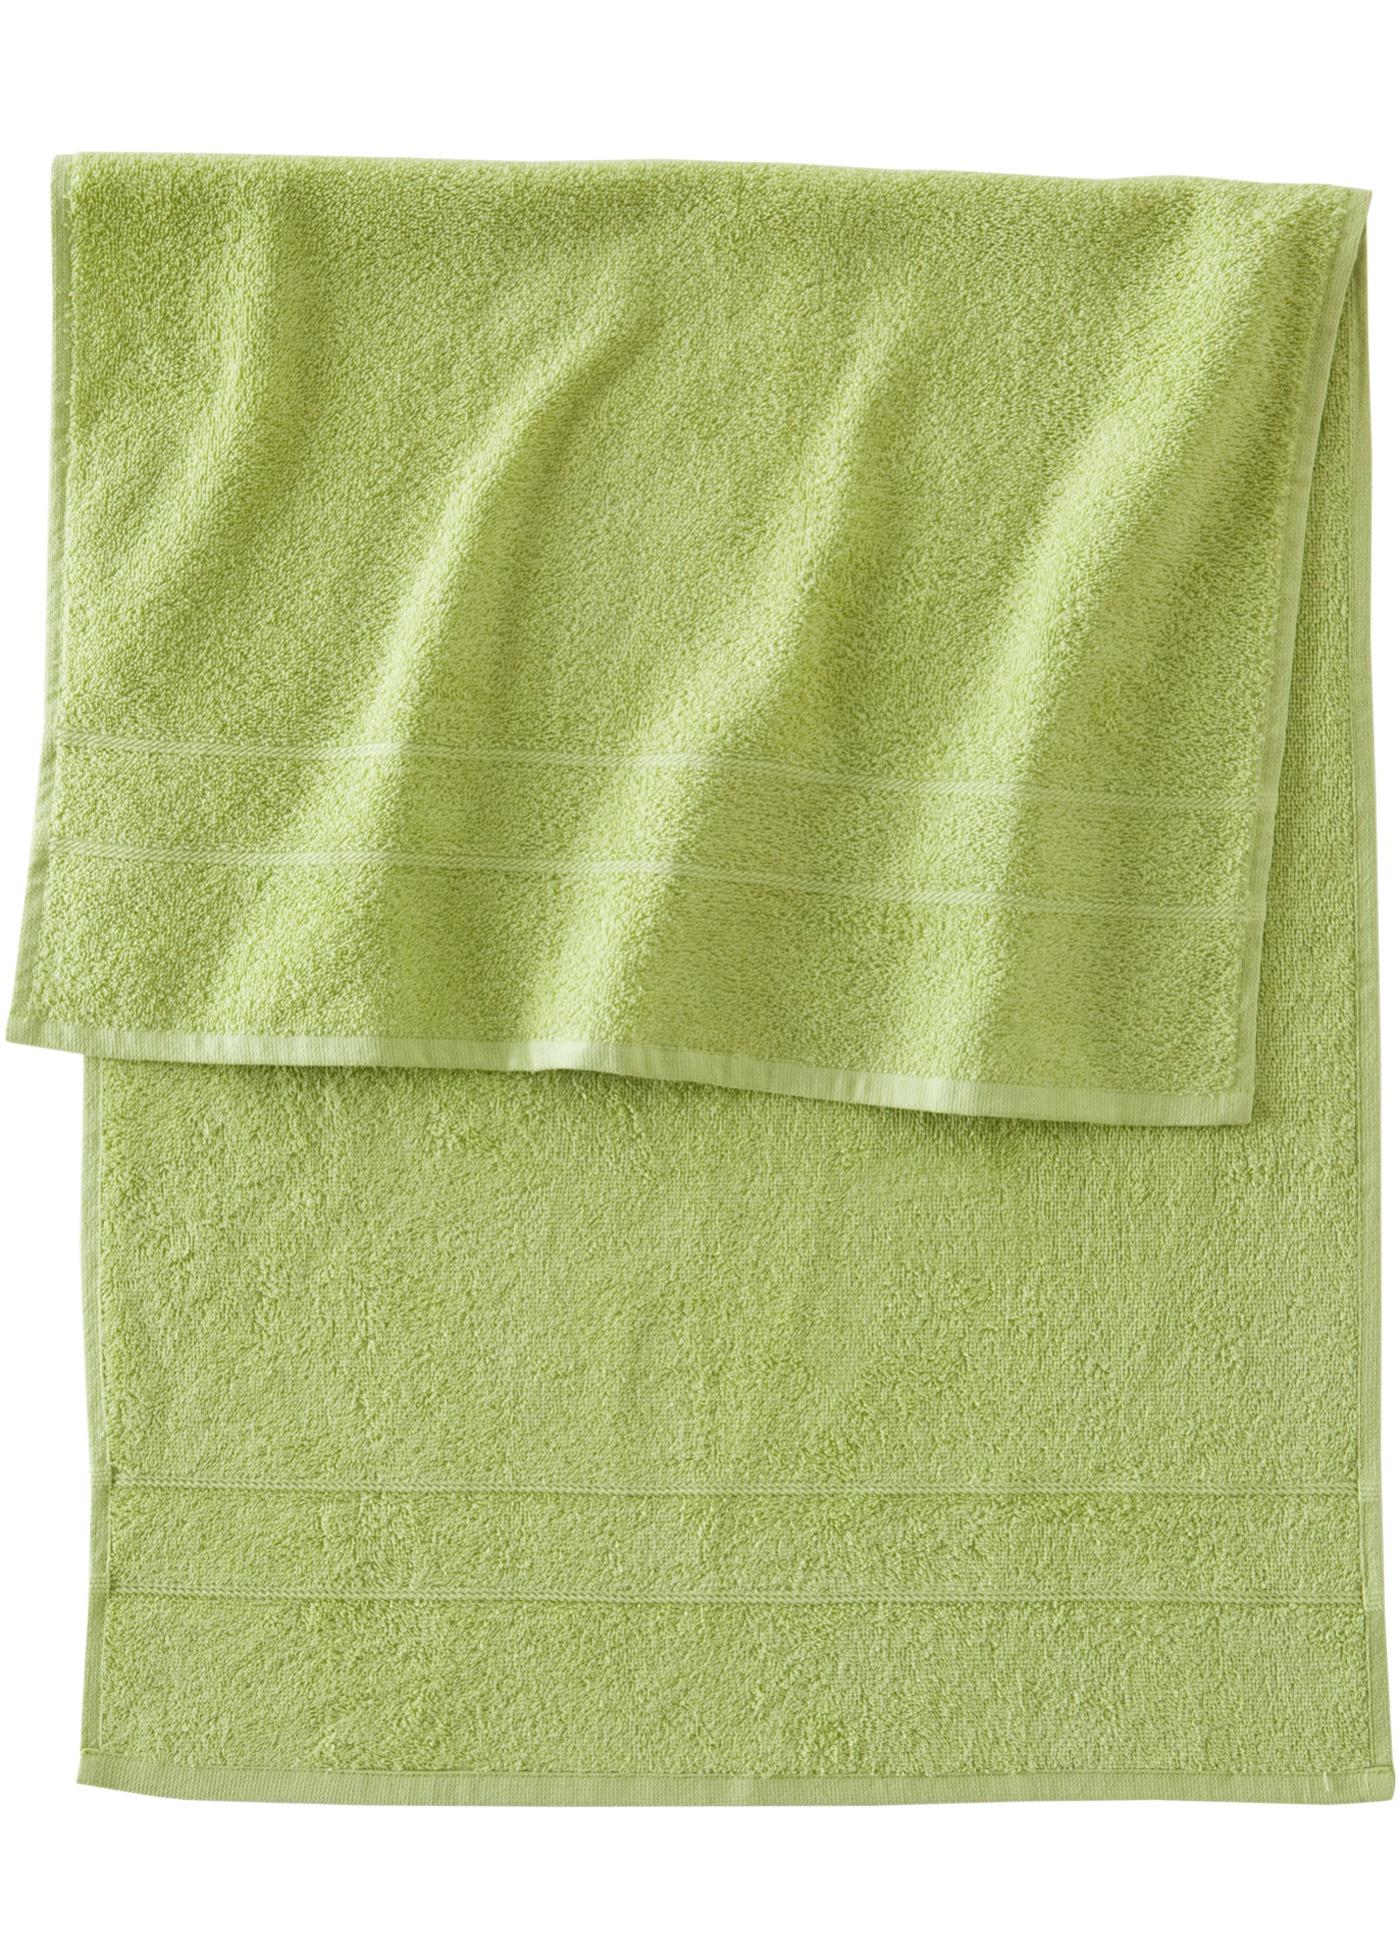 Lot de 4 serviettes de toilette Vio